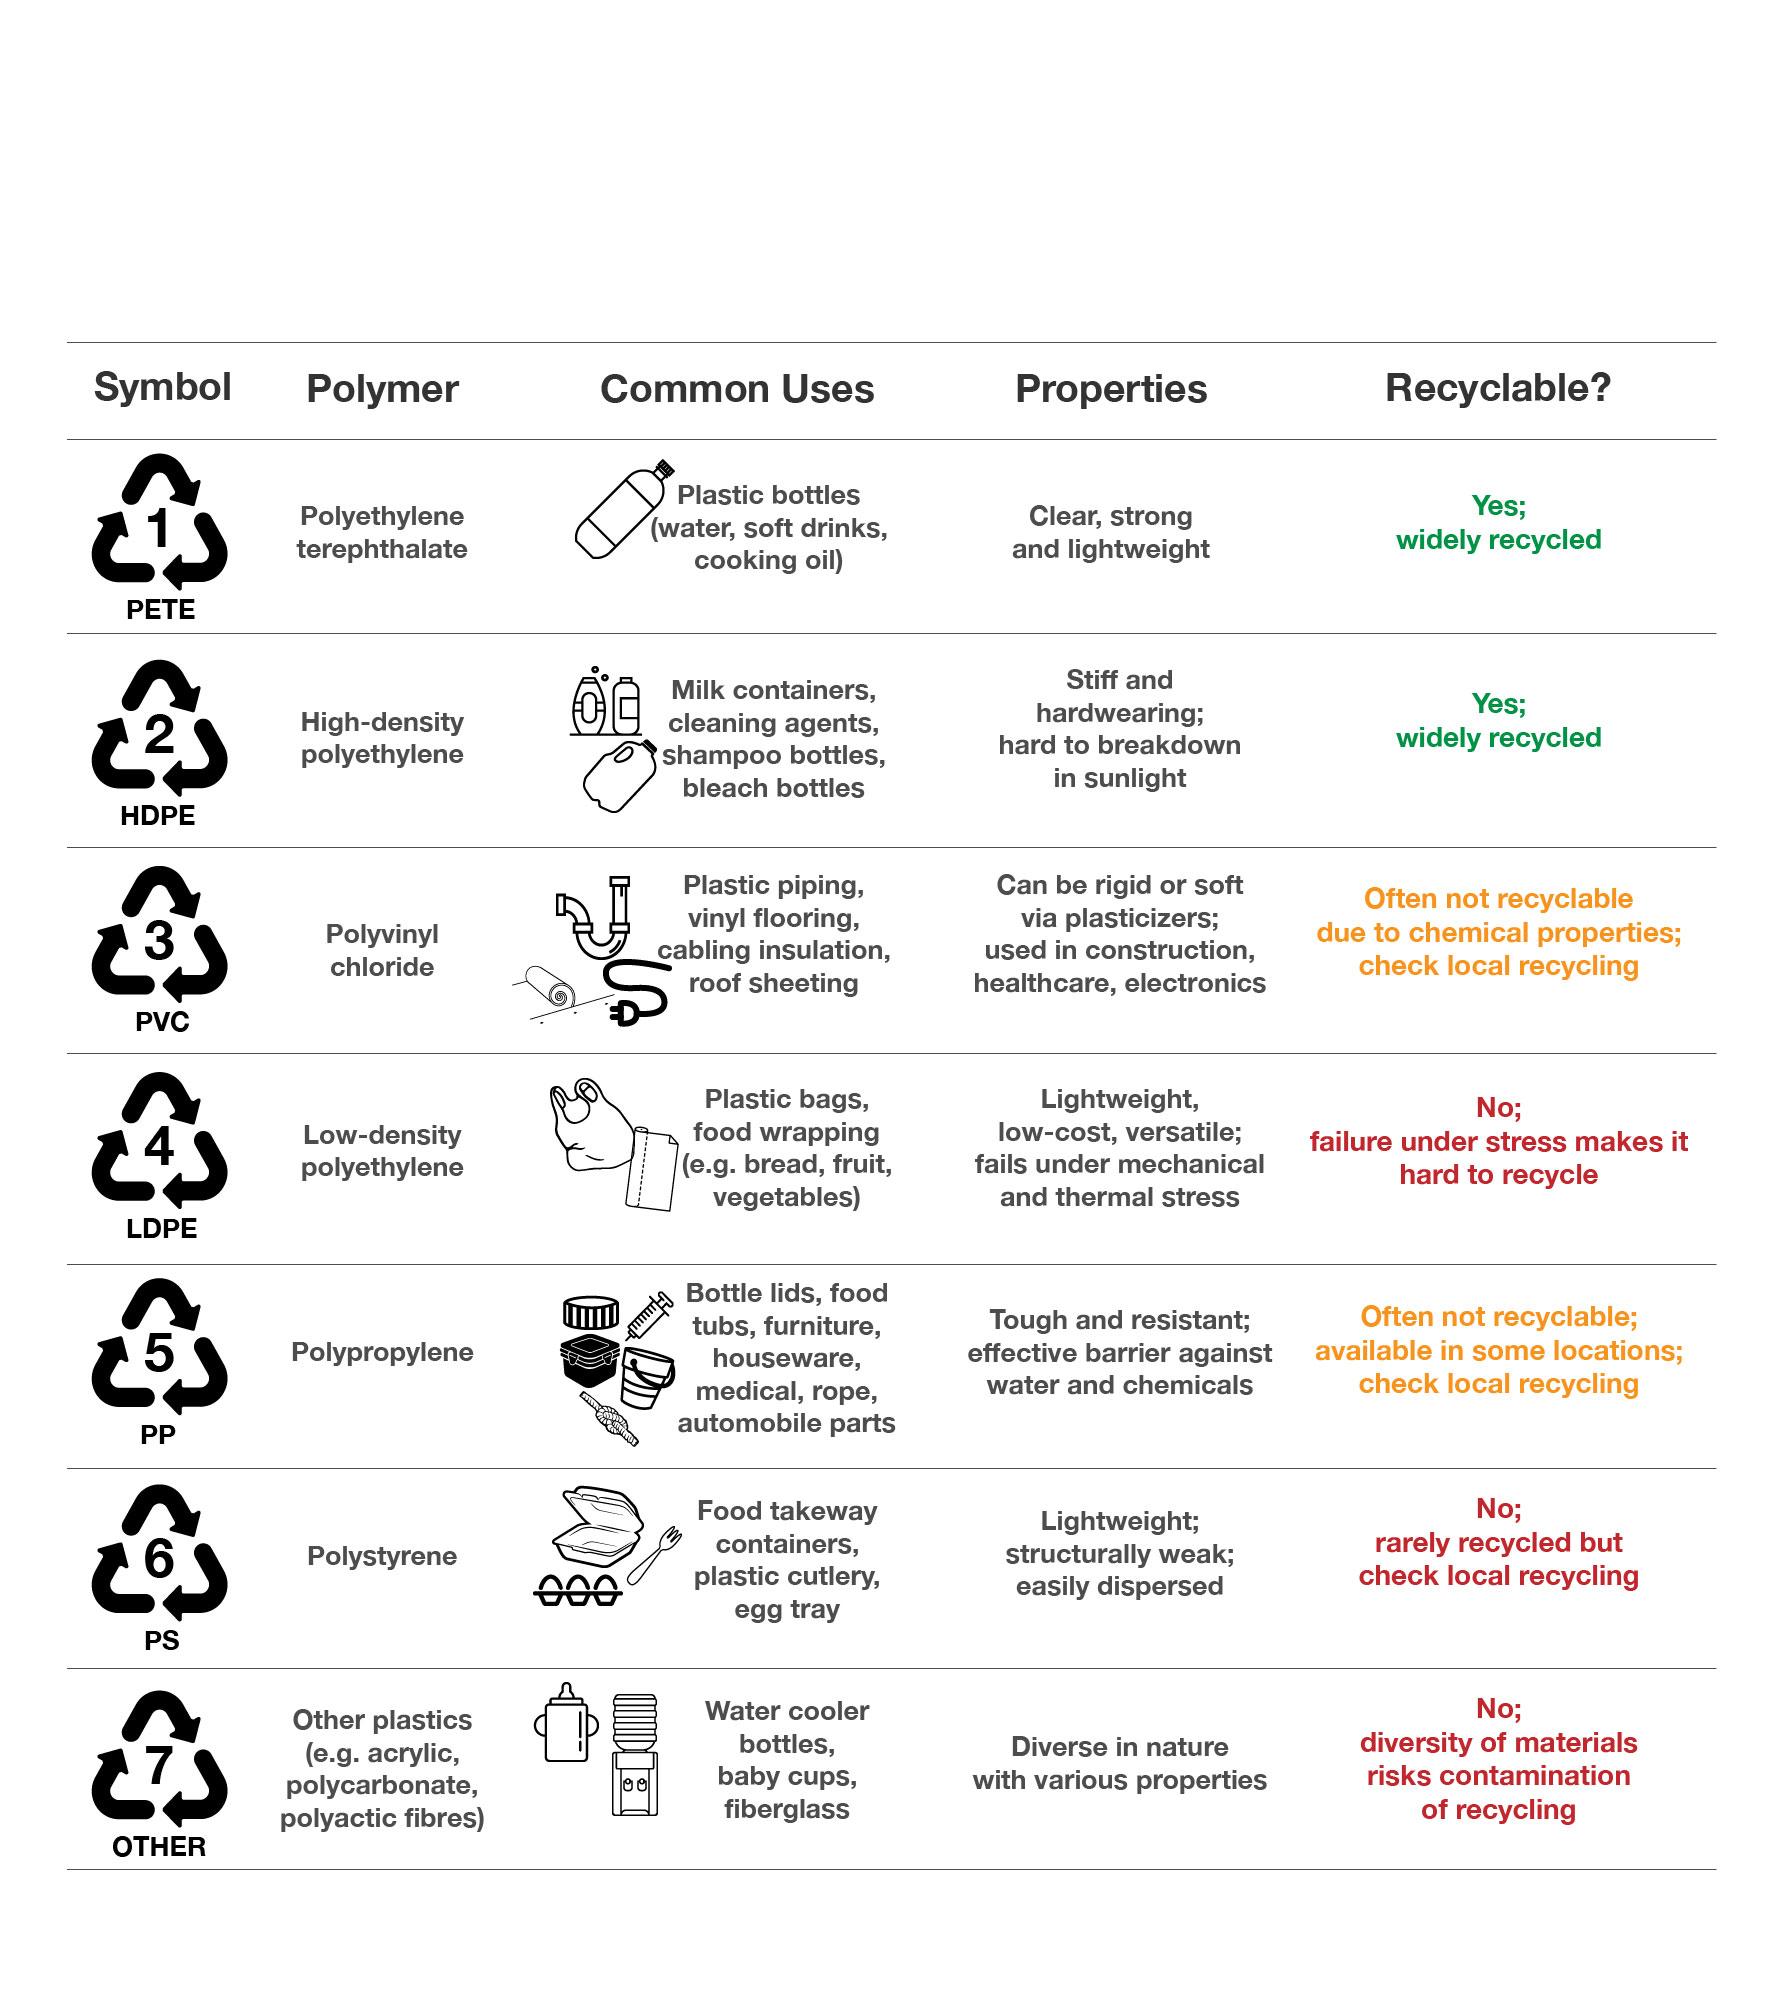 انواع پلاستیک و موارد مصرف آنها